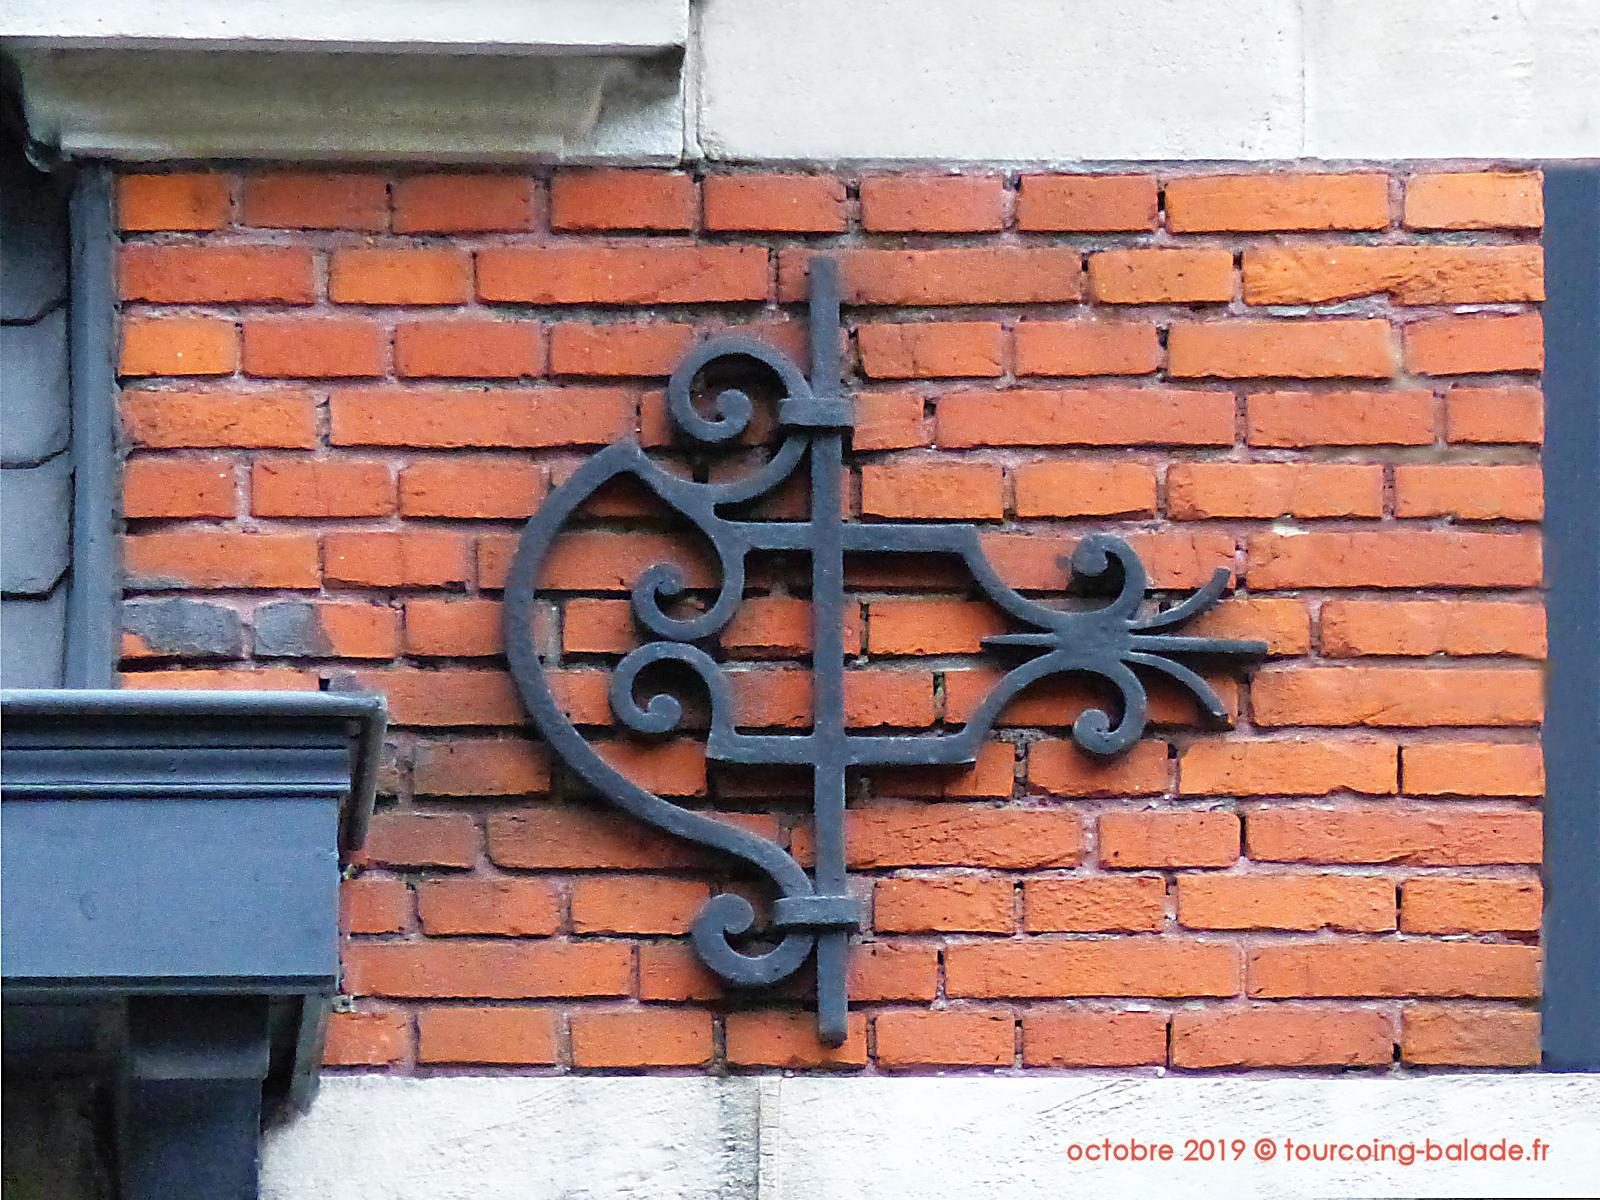 Architecture Tourcoing - Ancre Maison du Collectionneur